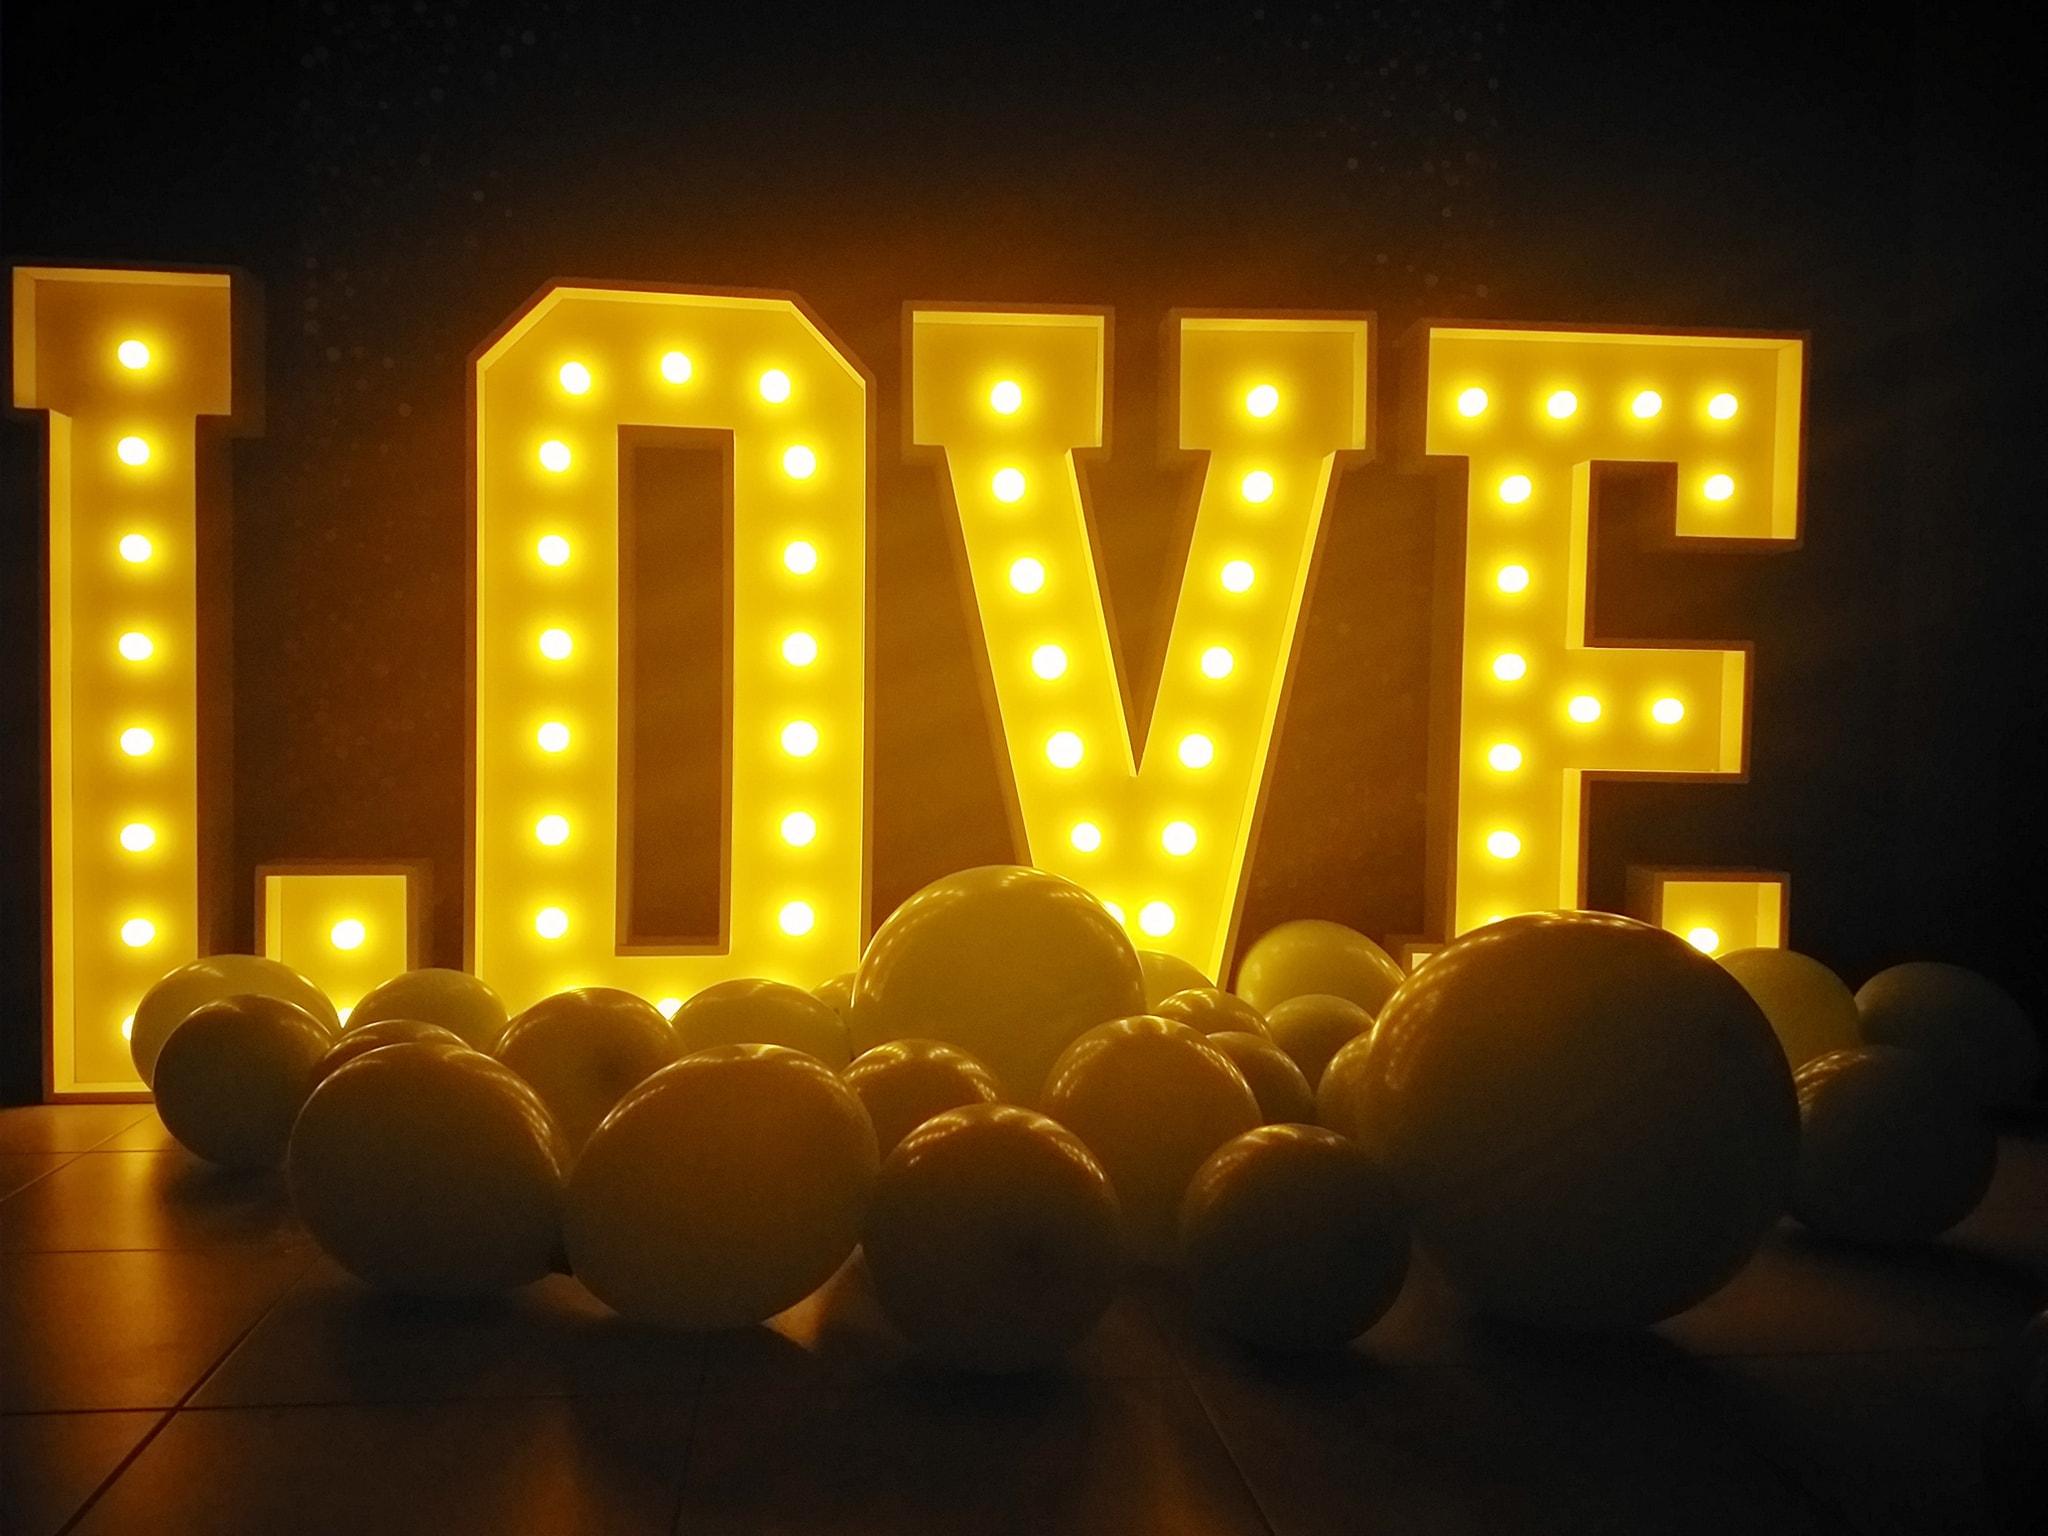 Letras Love LED Casamentos | Oficina de Sonhos - Animação e Decoração de Eventos Algarve